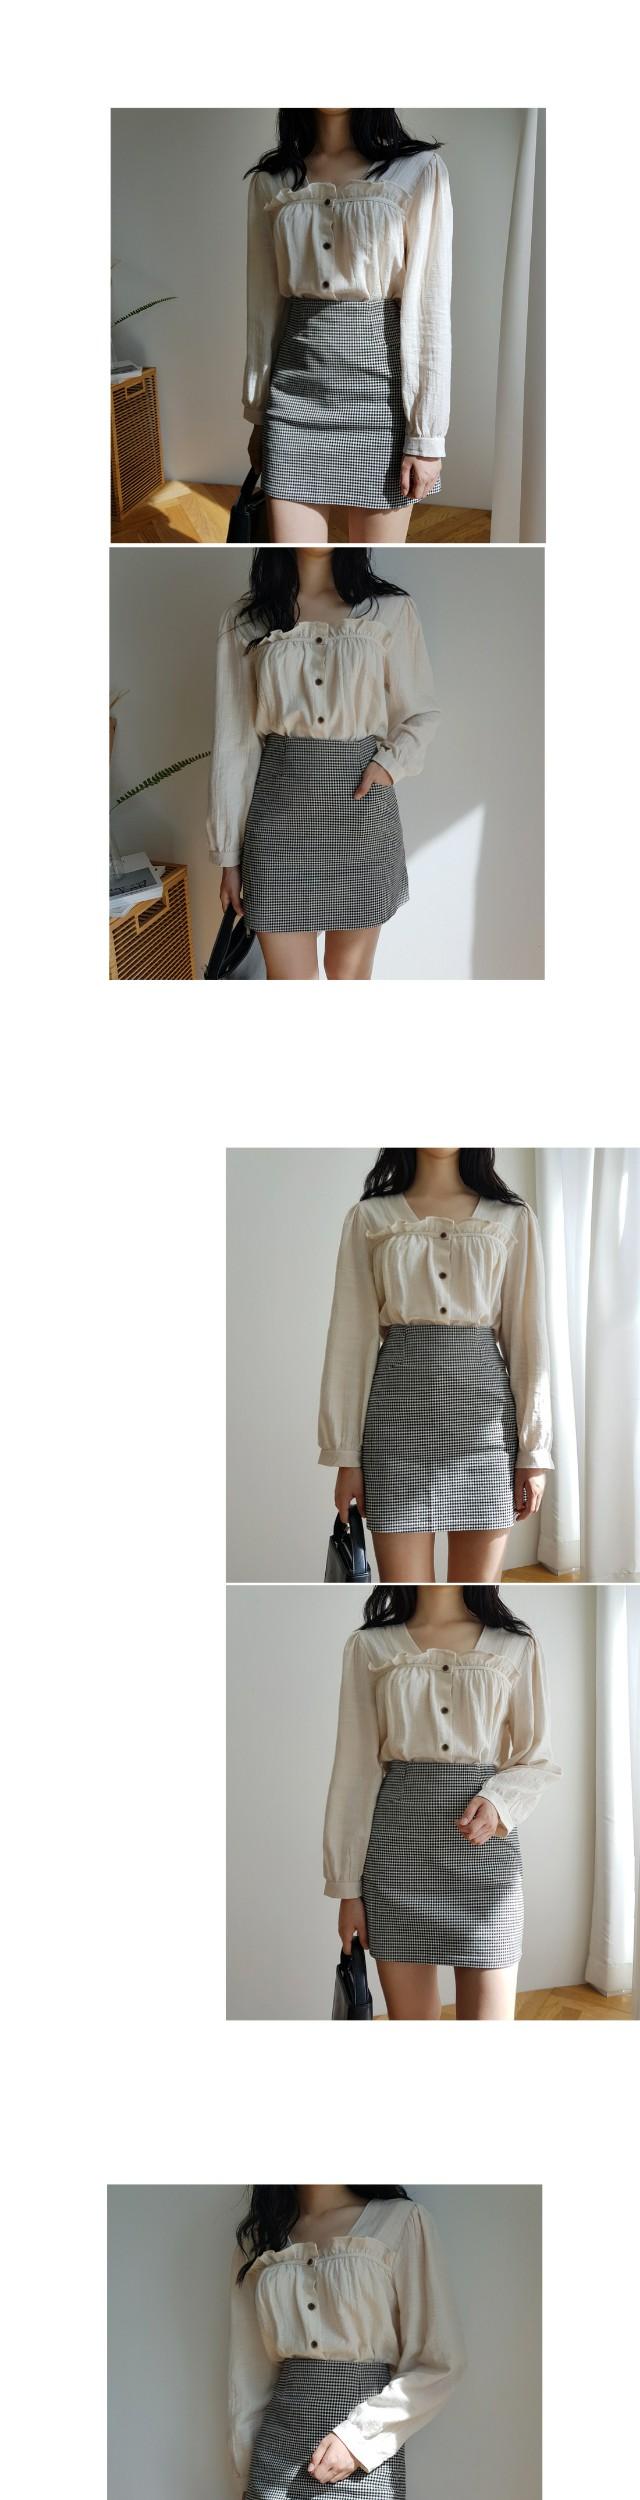 Tanbishirring blouse